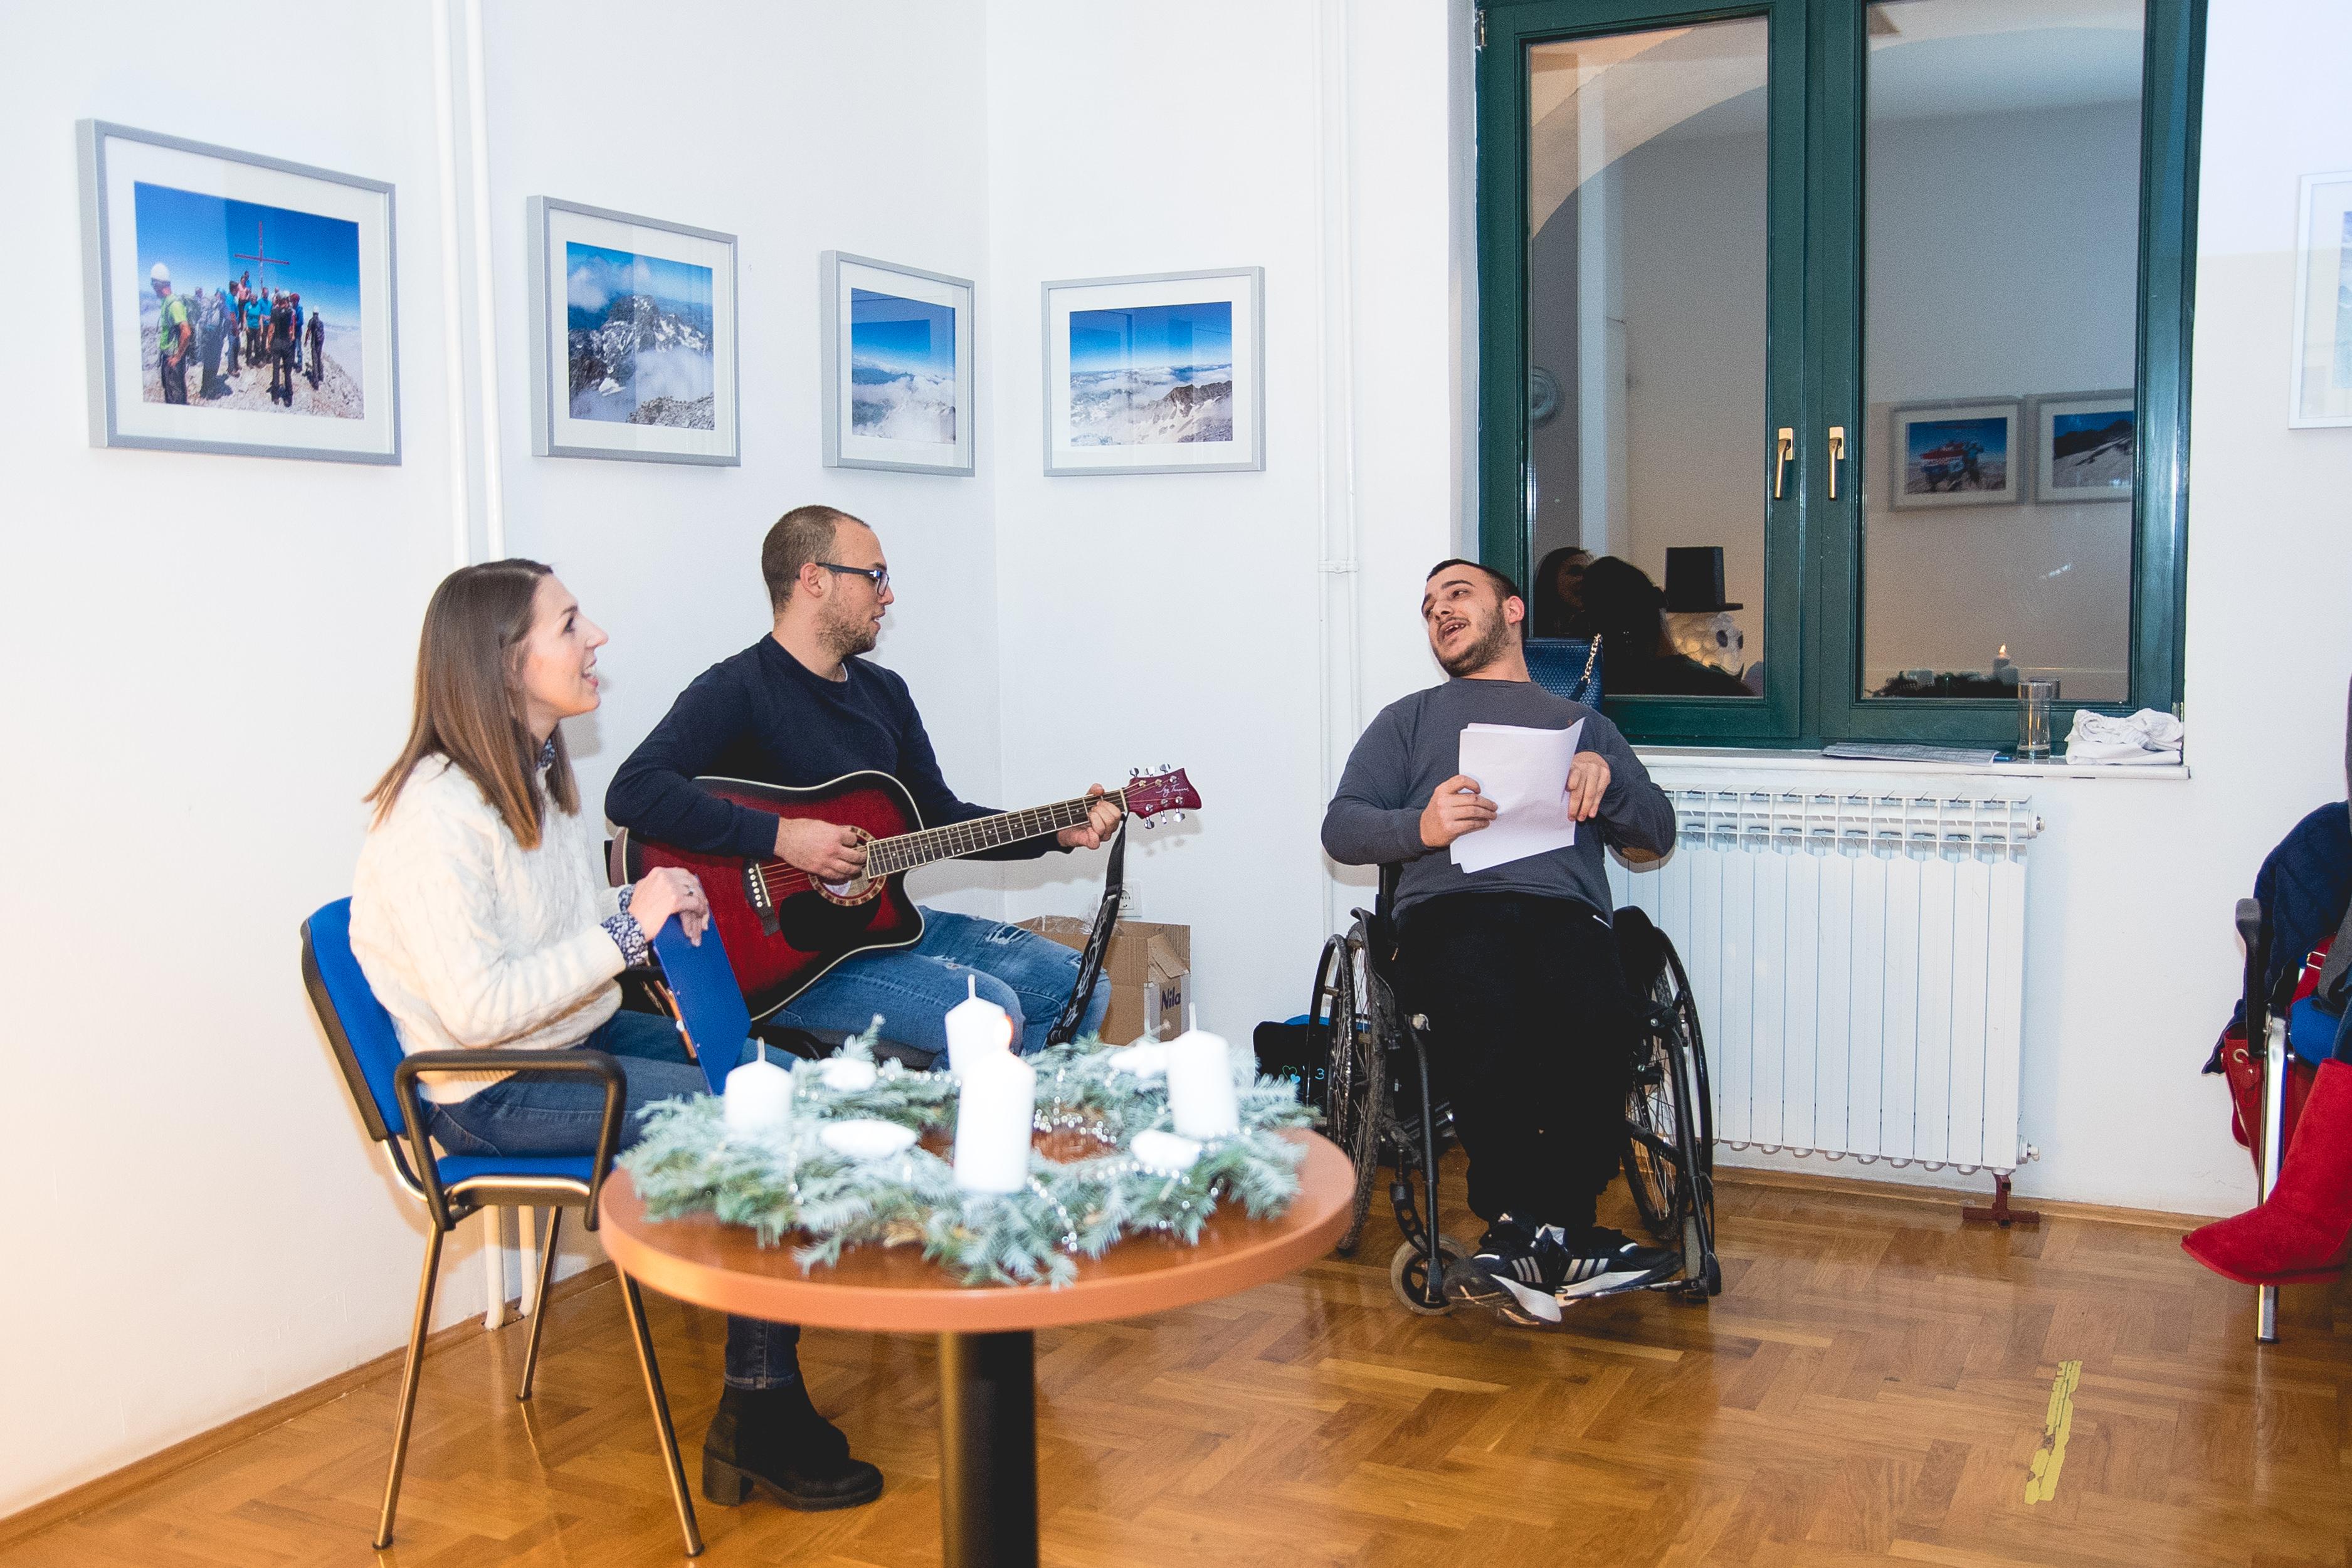 likaclub_osnivanje-udruge-tjelesnih-invalida-otočca-svjetlost_2018-7